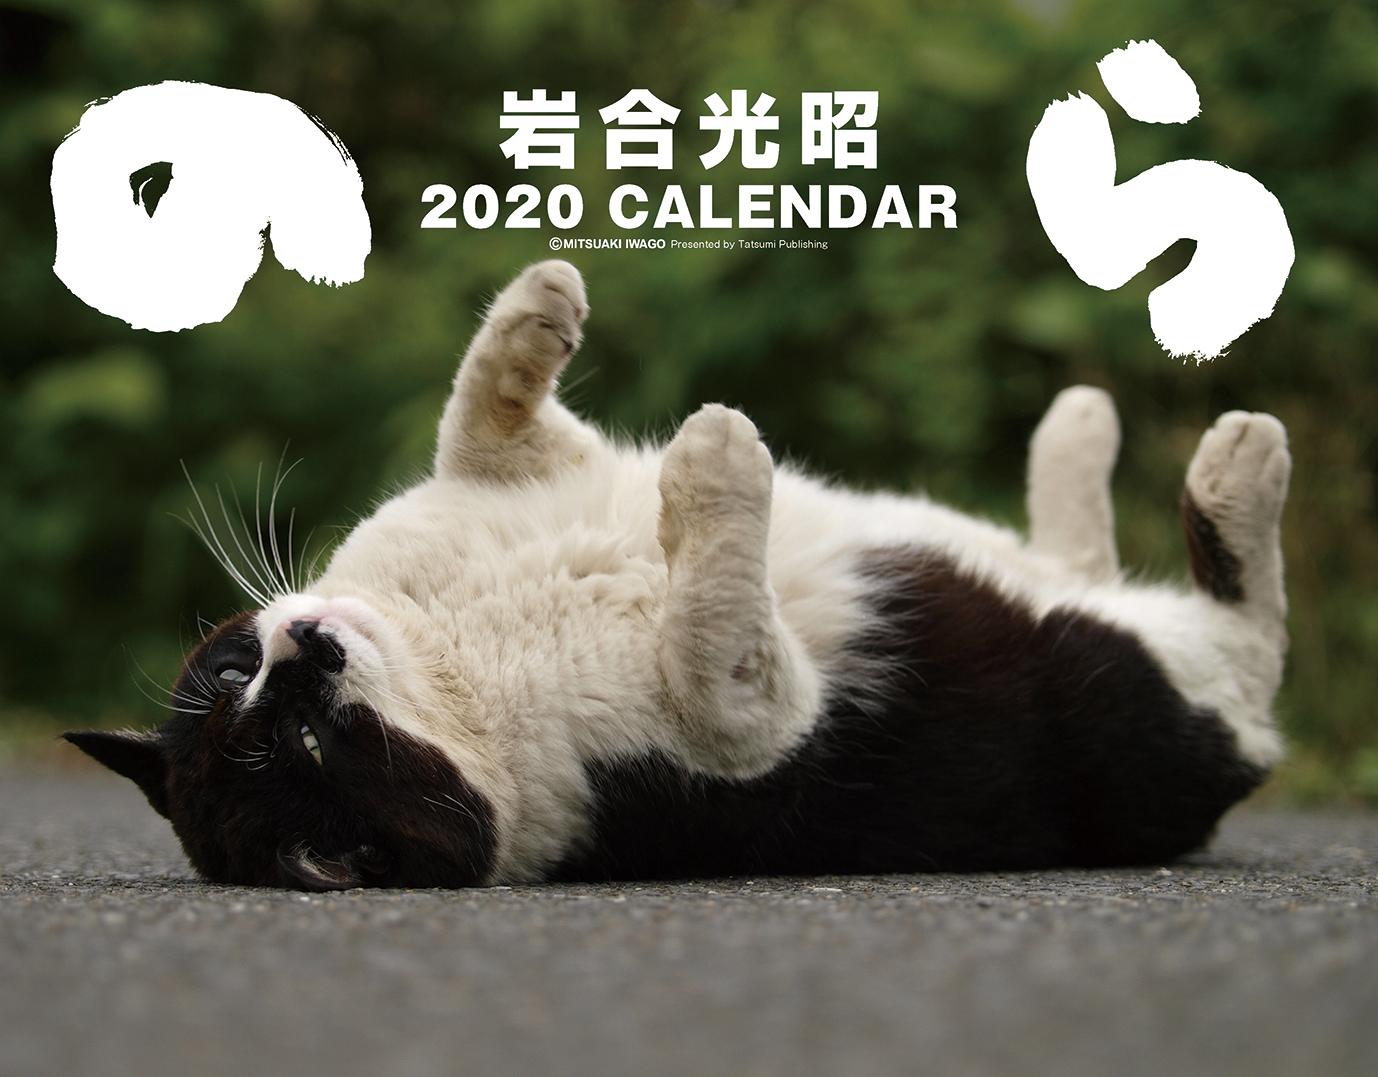 楽天ブックス: 2020猫カレンダー のら - 岩合光昭 - 9784777822911 : 本